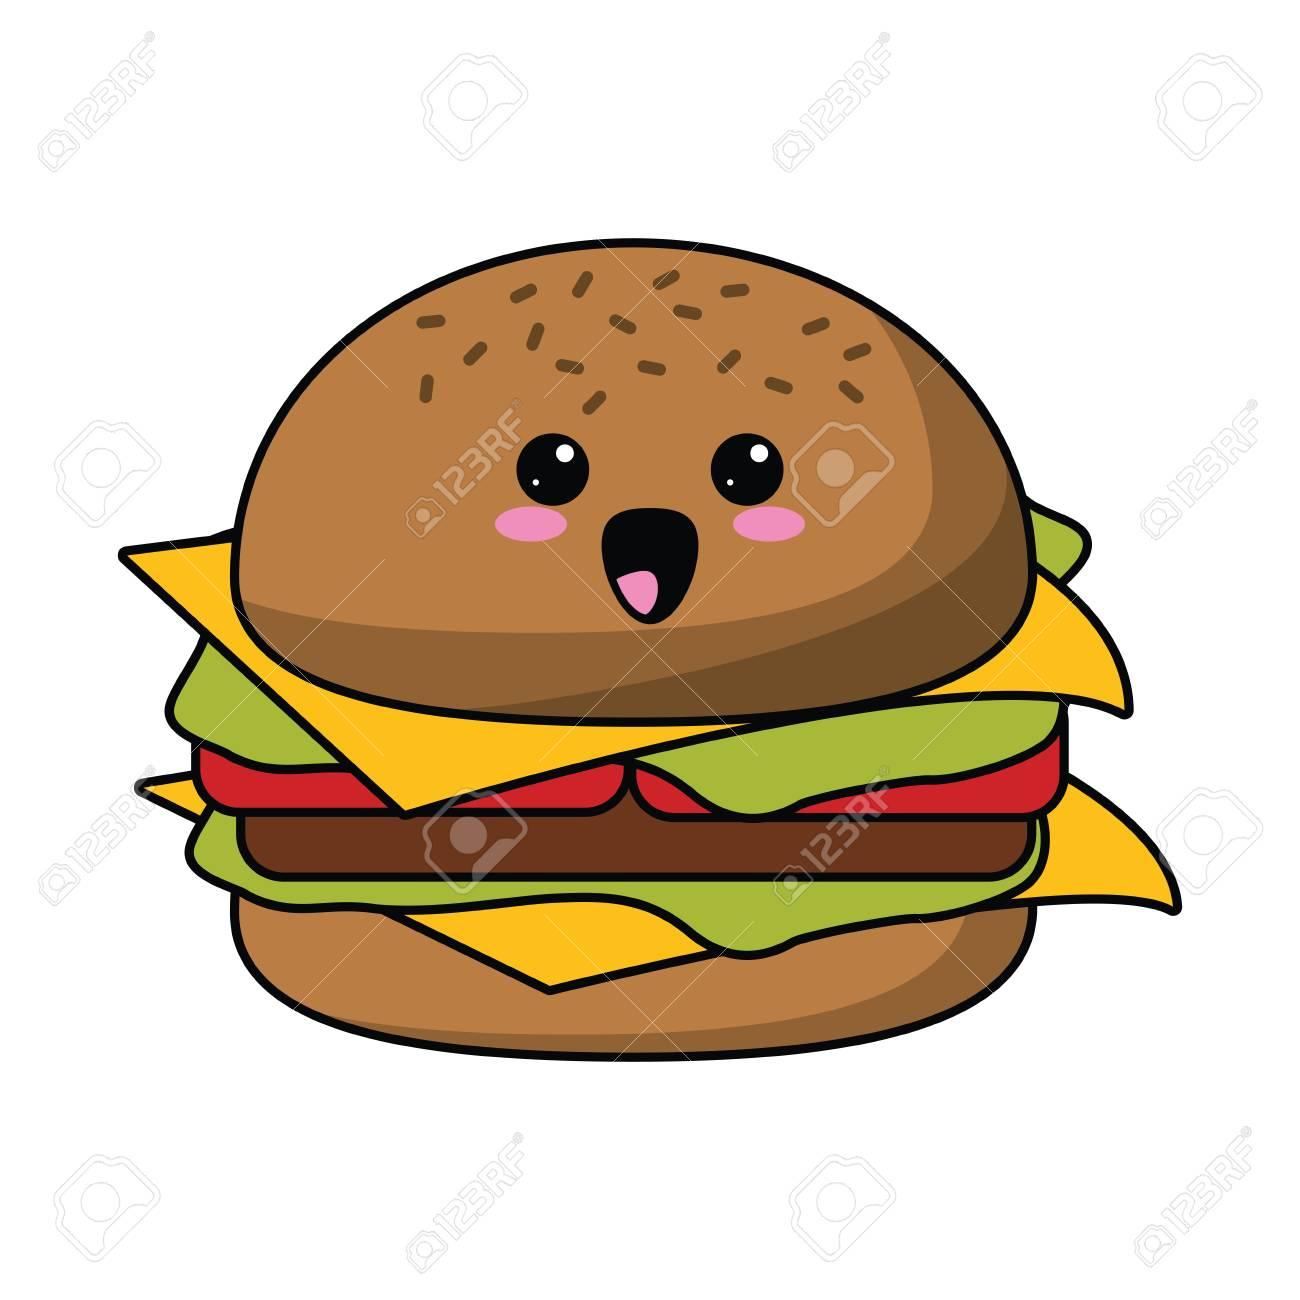 かわいいハンバーガー ファーストフードのアイコン ベクトル イラスト